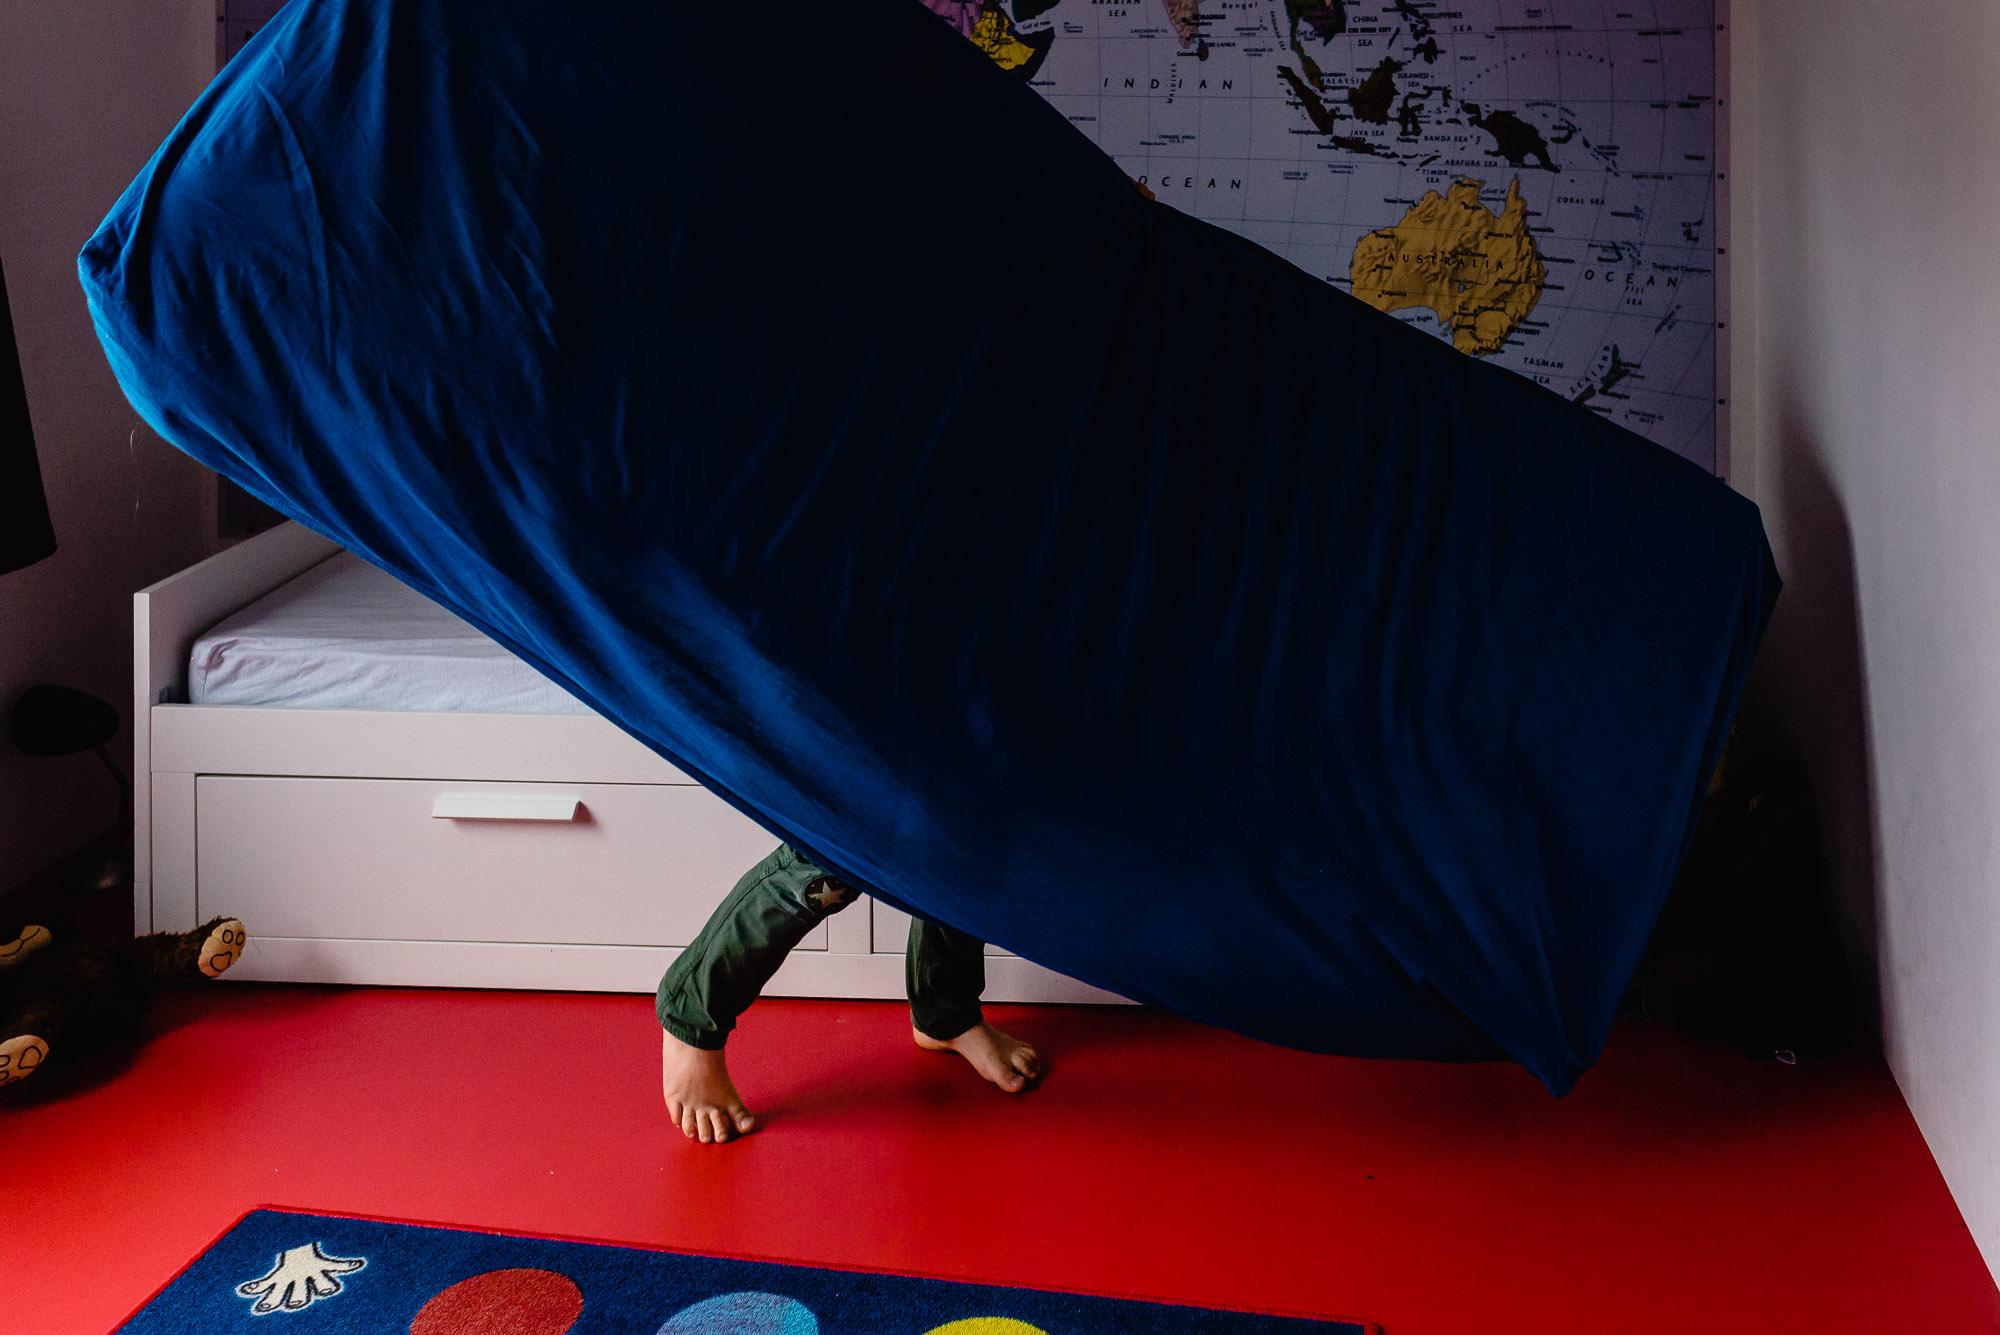 familie fotografie, jongen sleept matras, Day in the Life in Maarssen, documentaire familie fotografie Sandra Stokmans Fotografie